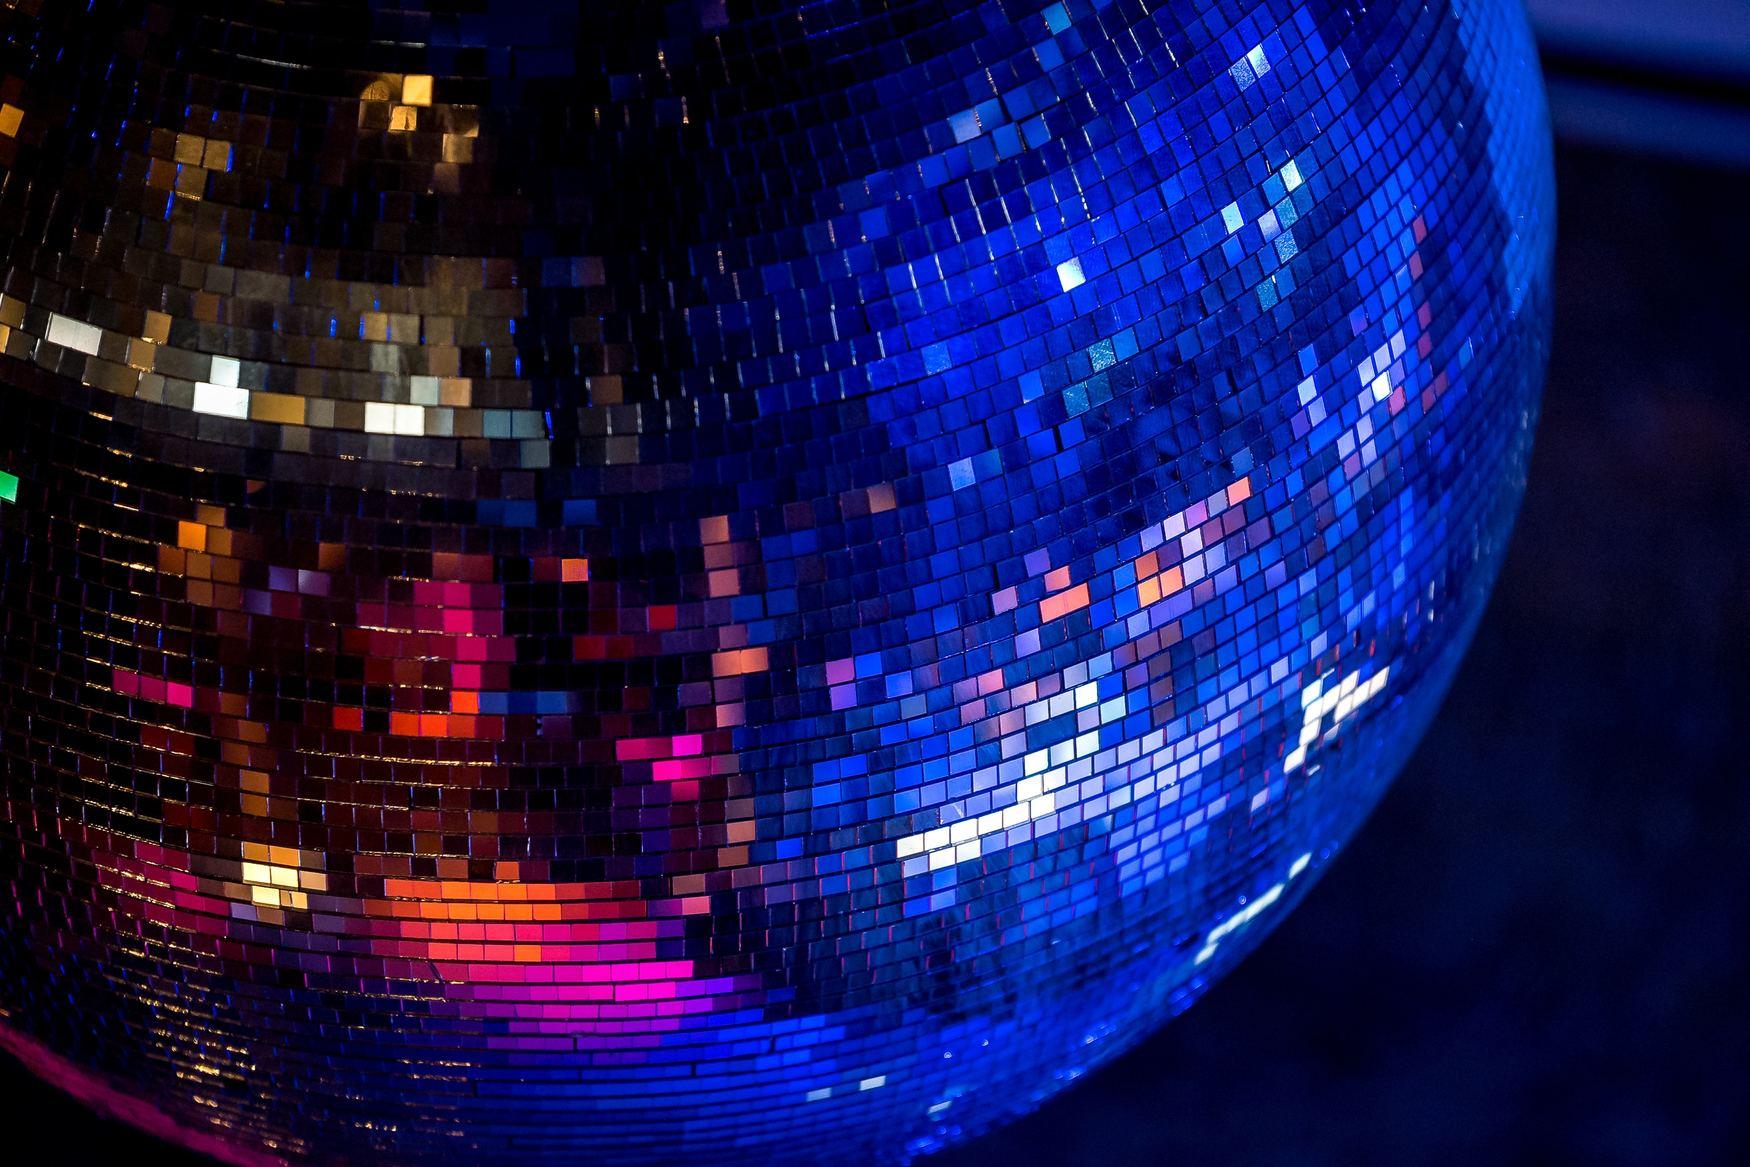 lucky dip disco, walton-on-thames, family events, riverhouse barn arts centre, fun, dancing